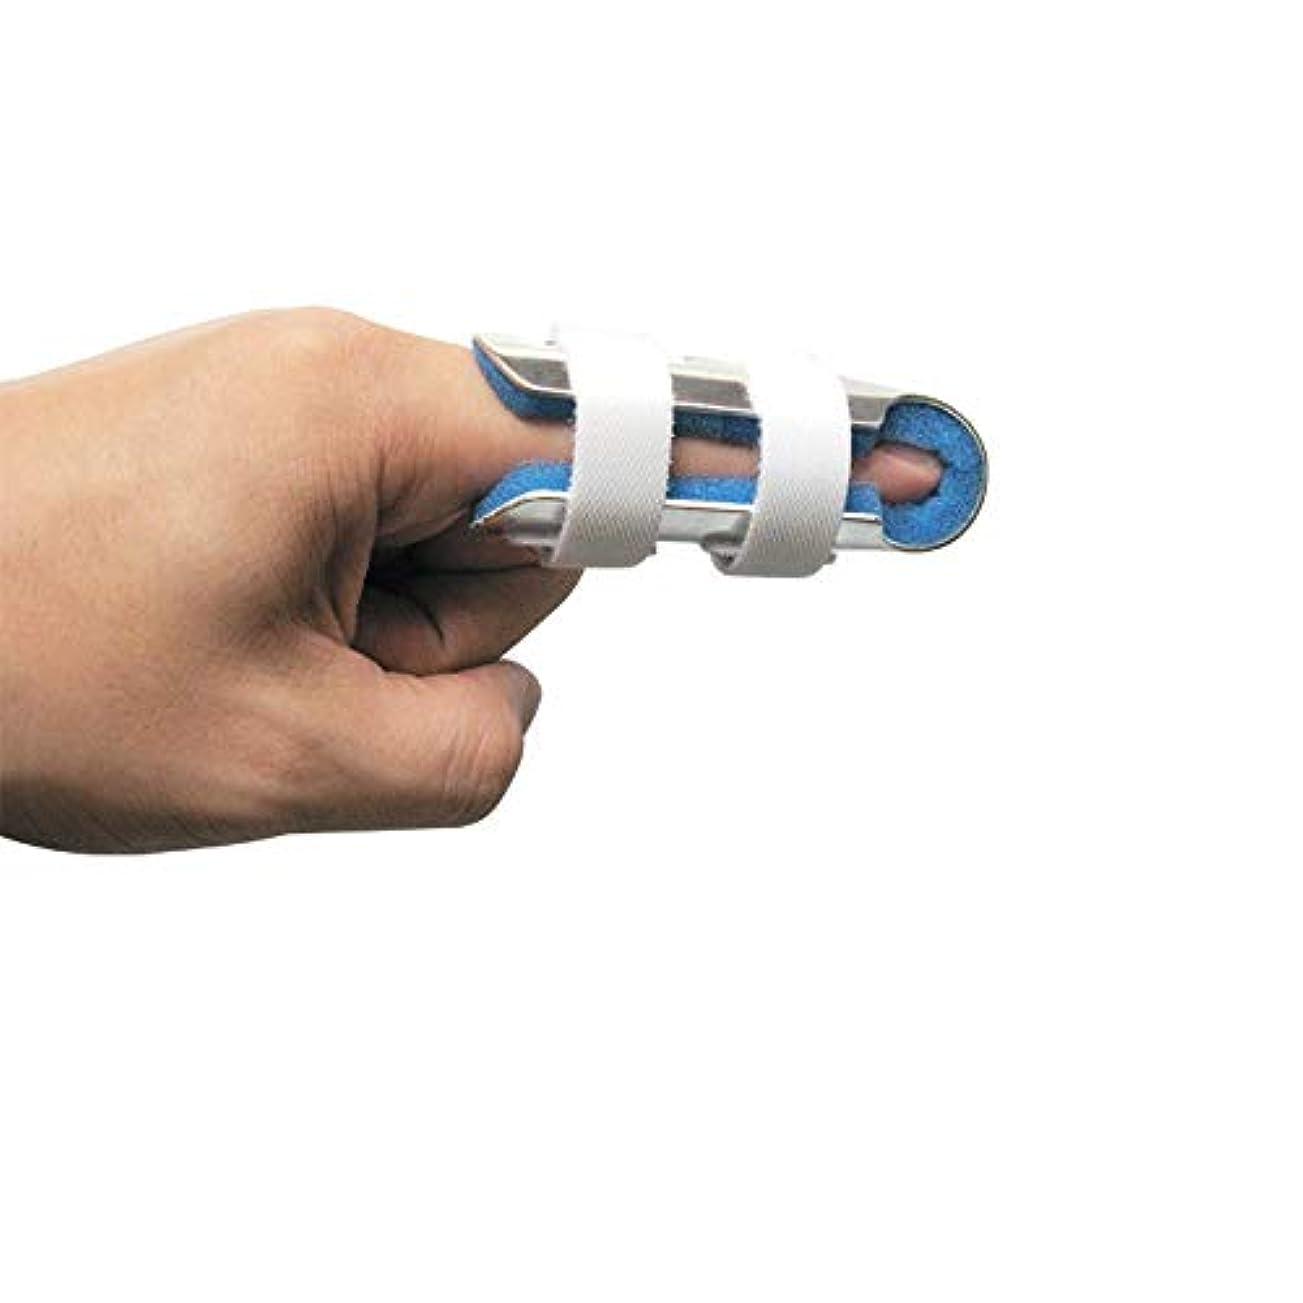 たっぷりアンドリューハリディスポーツをする指の関節固定用の柔らかいフォームの内部ループストラップと保護穴を備えた指の副木大人と子供,S